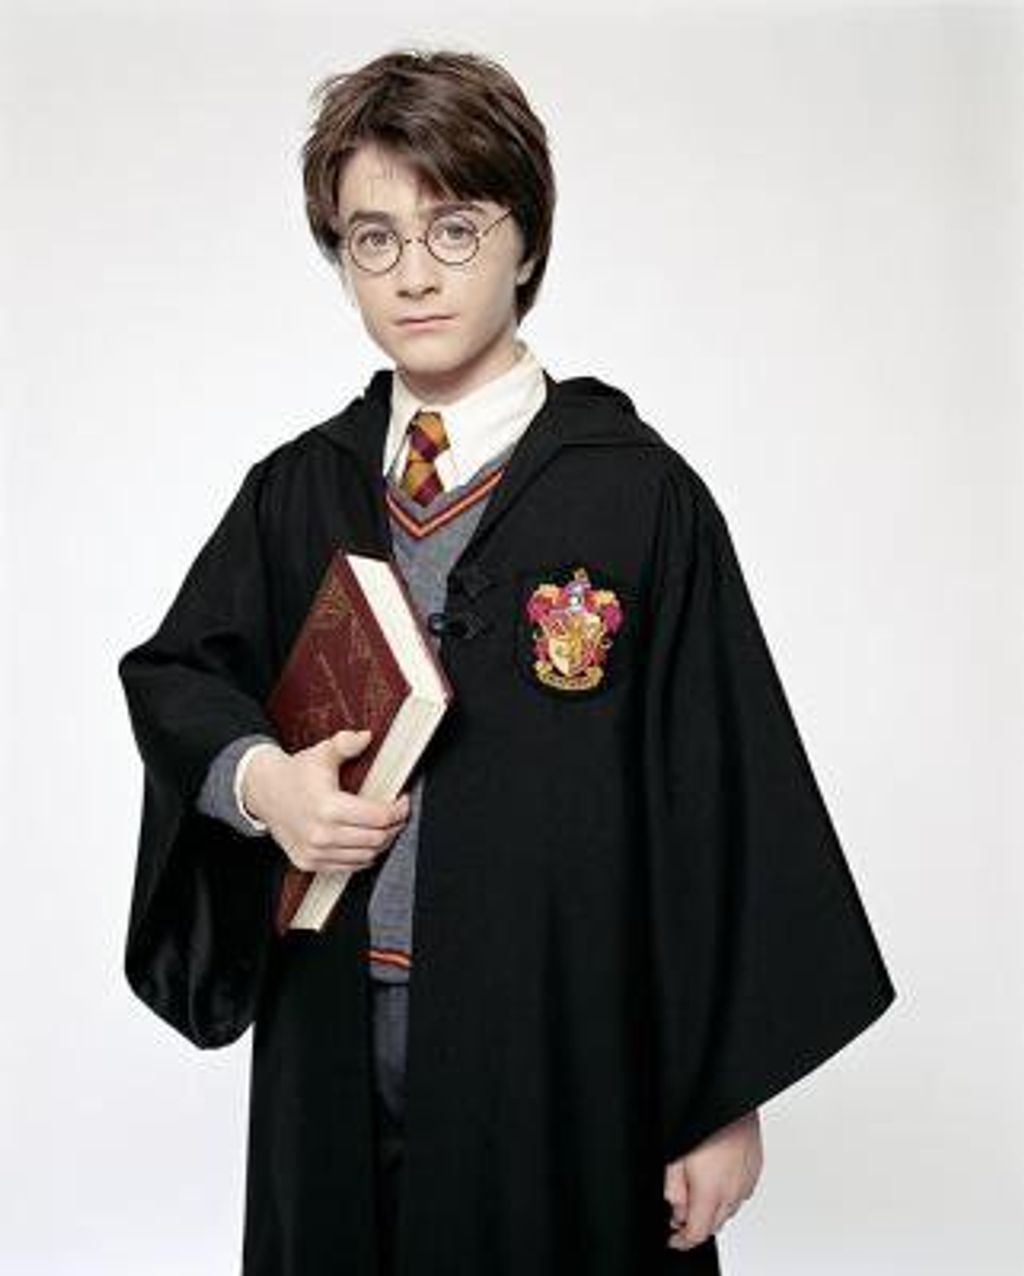 Joyeux anniversaire Harry Potter !